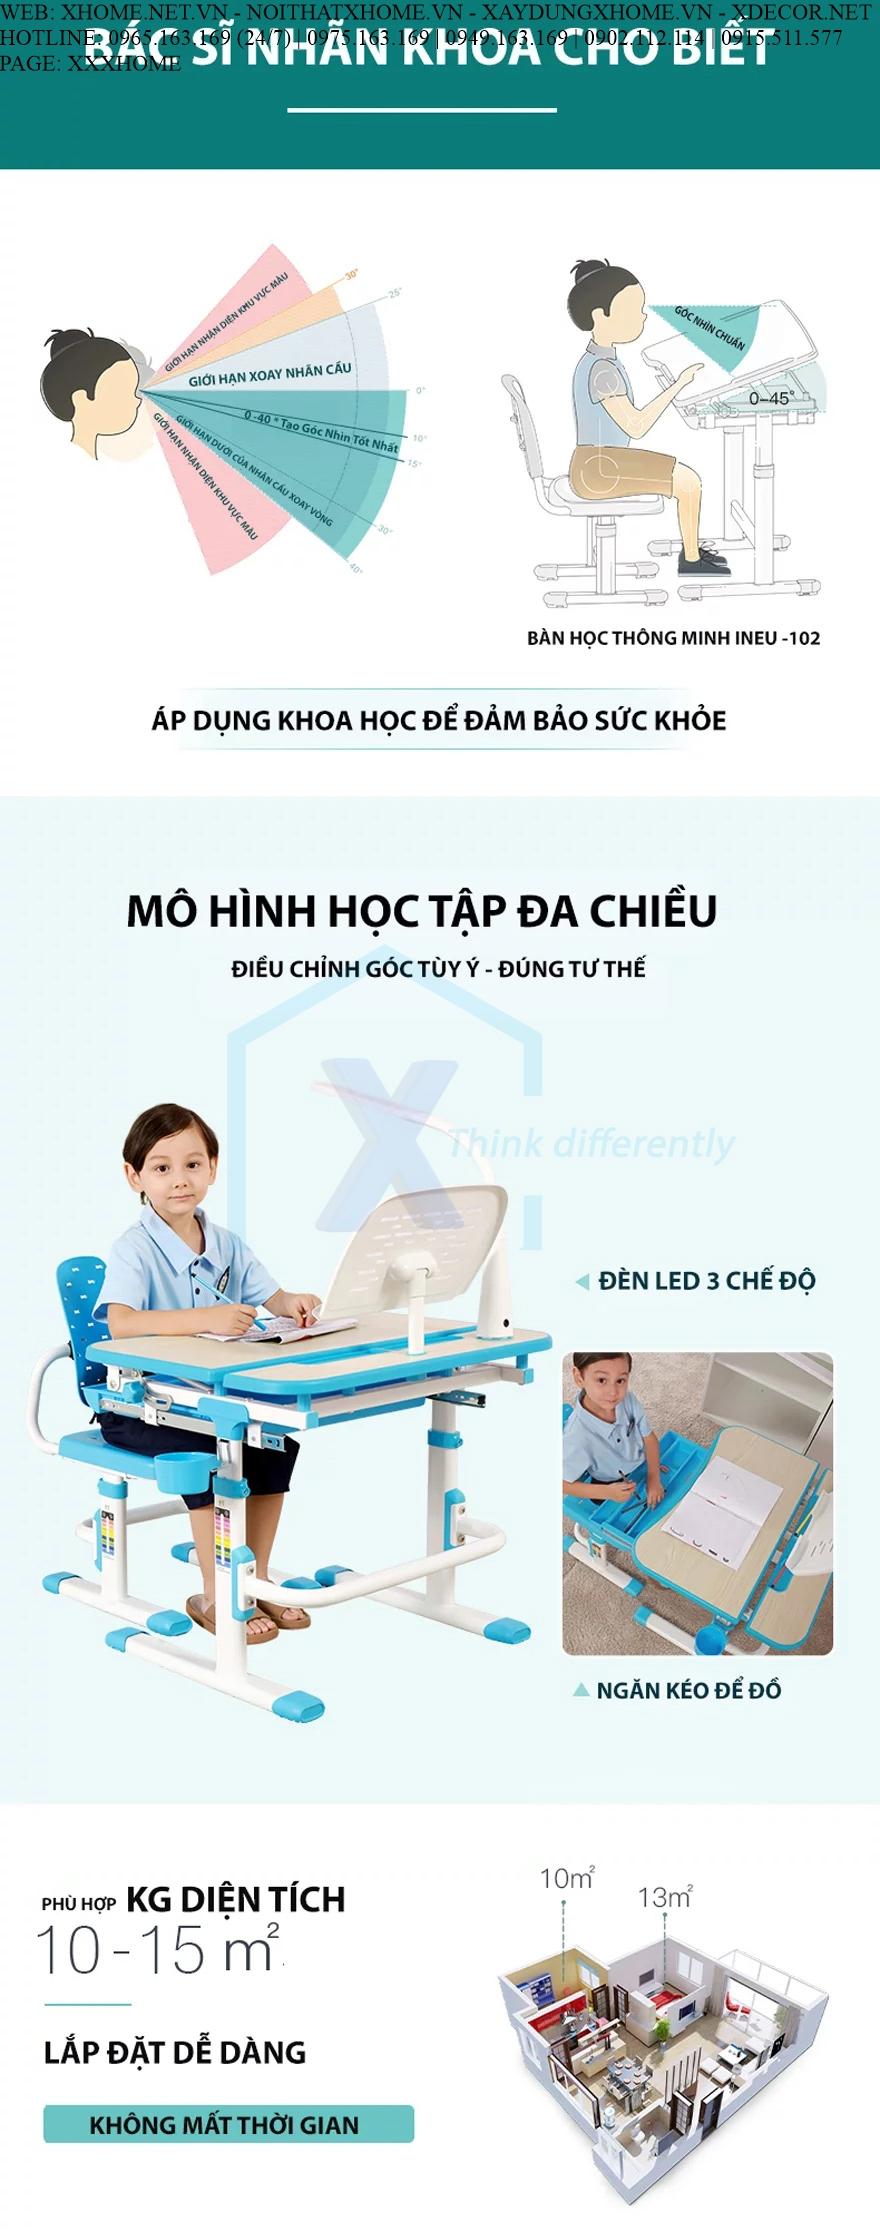 BỘ BÀN HỌC THÔNG MINH NÂNG HẠ CHIỀU CAO CHO BÉ XHOME9999